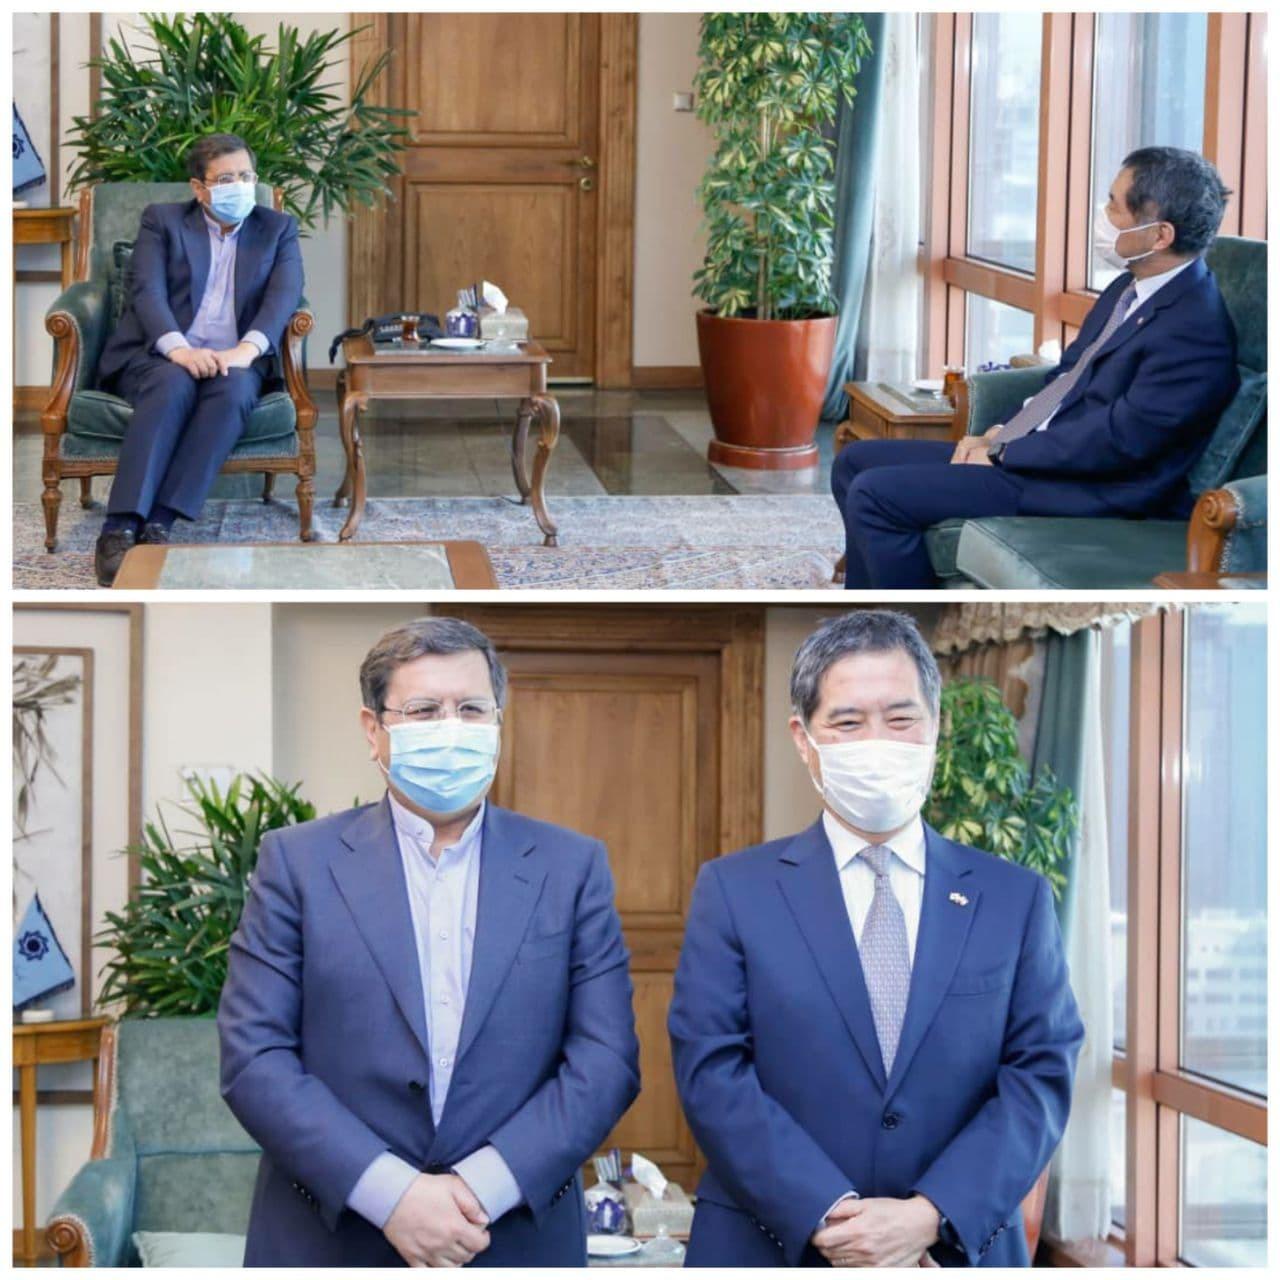 دیدار سفیر ژاپن با همتی